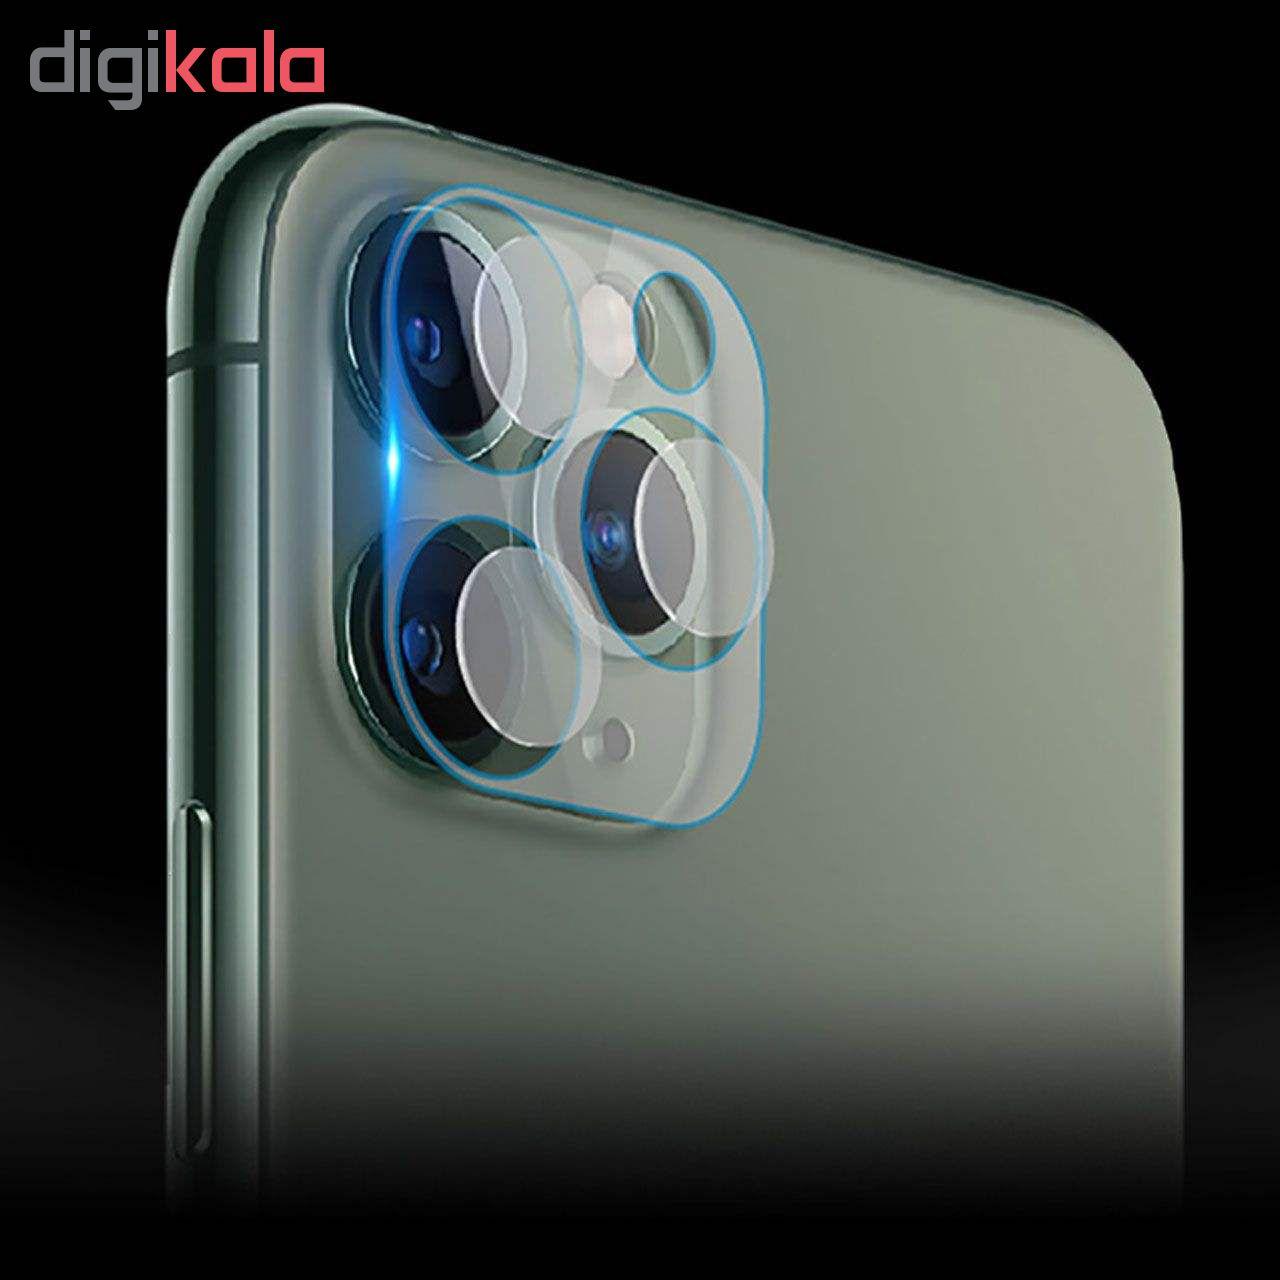 محافظ لنز دوربین مدل TC-11 مناسب برای گوشی موبایل اپل iPhone 11 Pro main 1 1